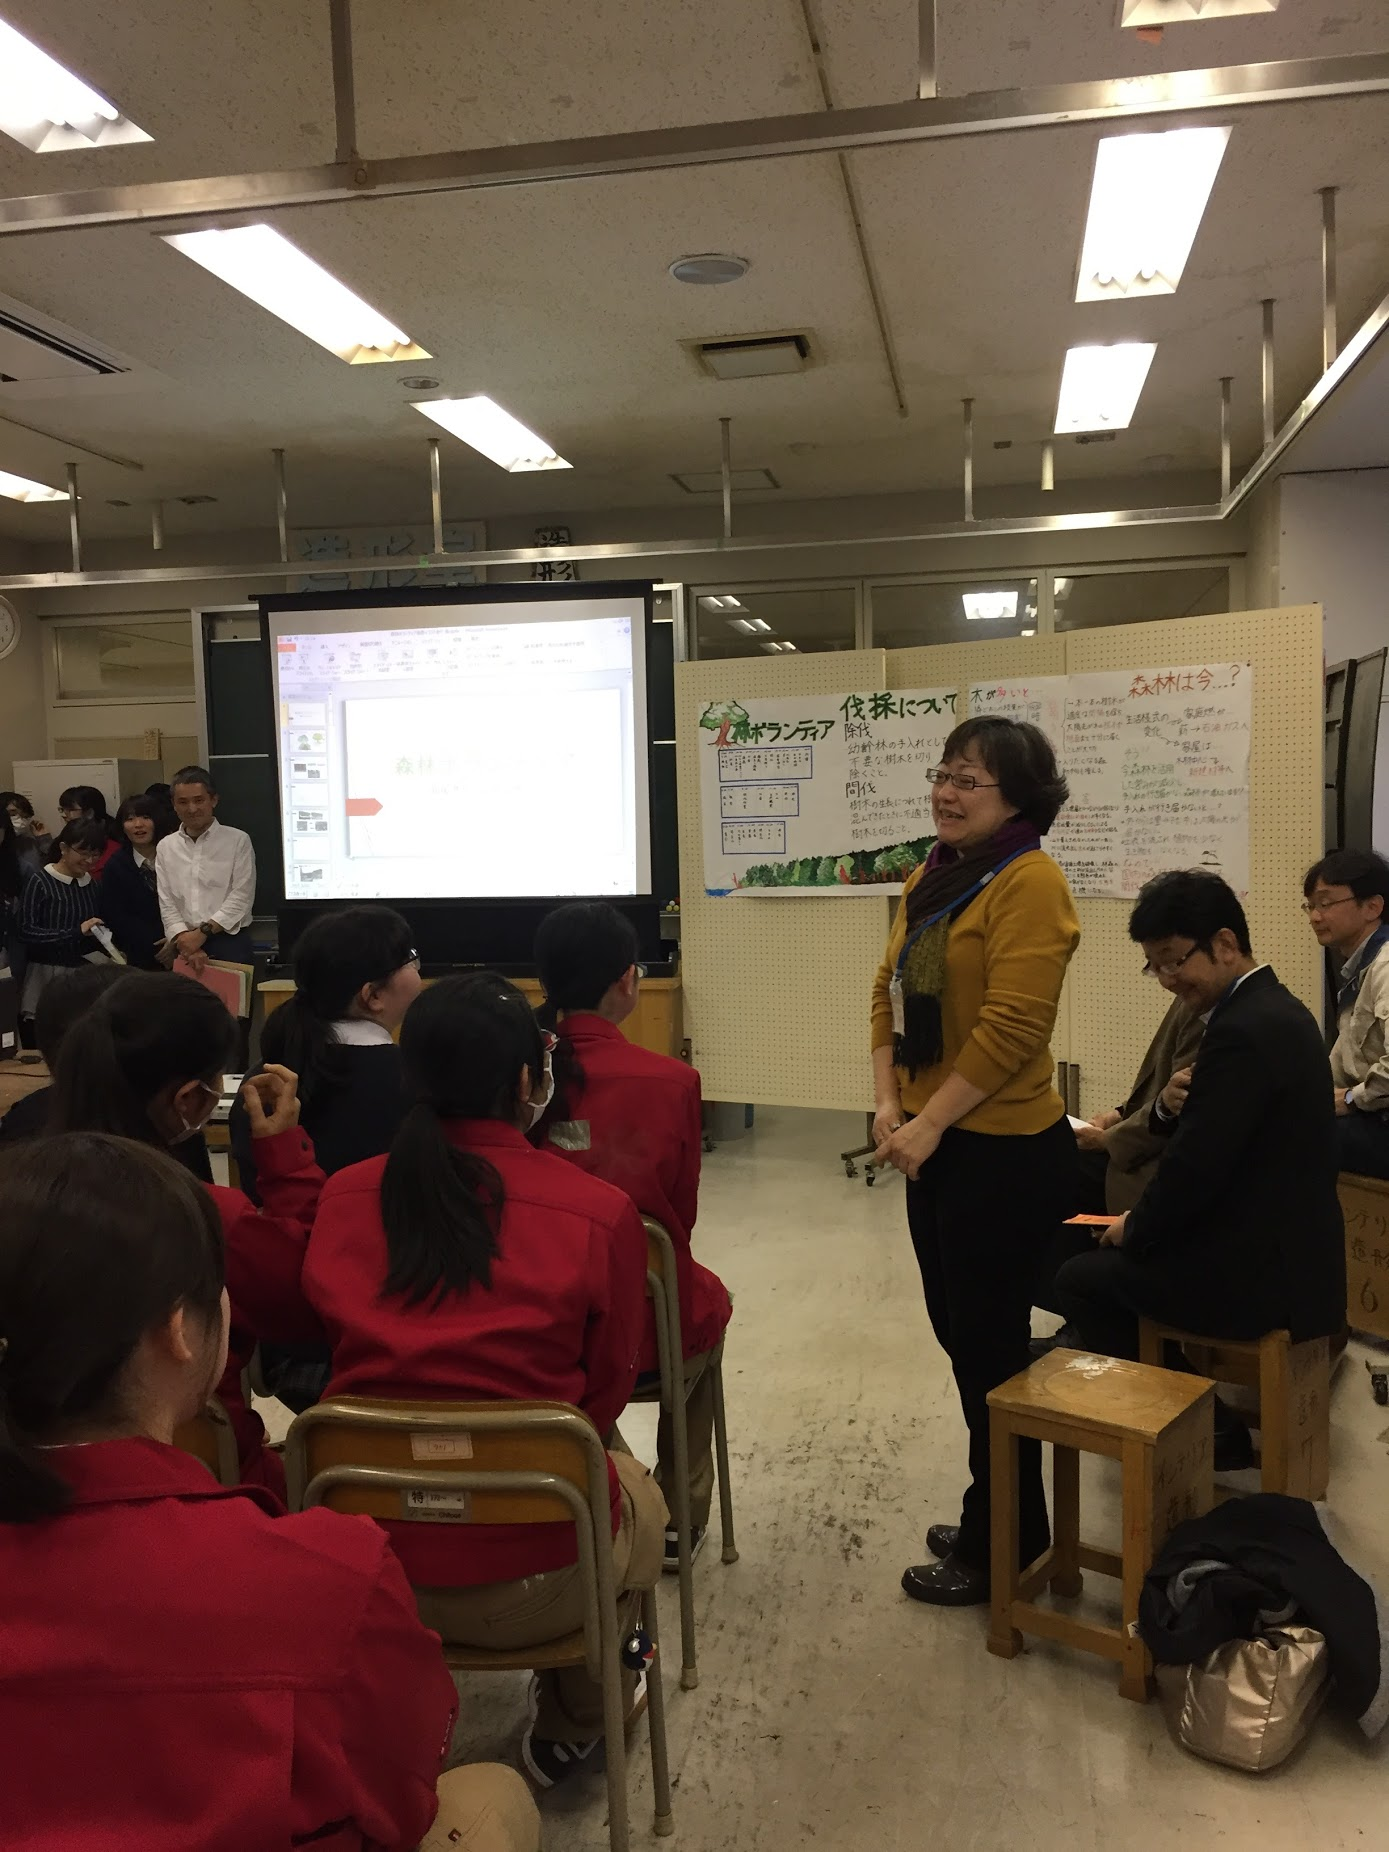 東京都立工芸高等学校 「人間と社会」授業発表会